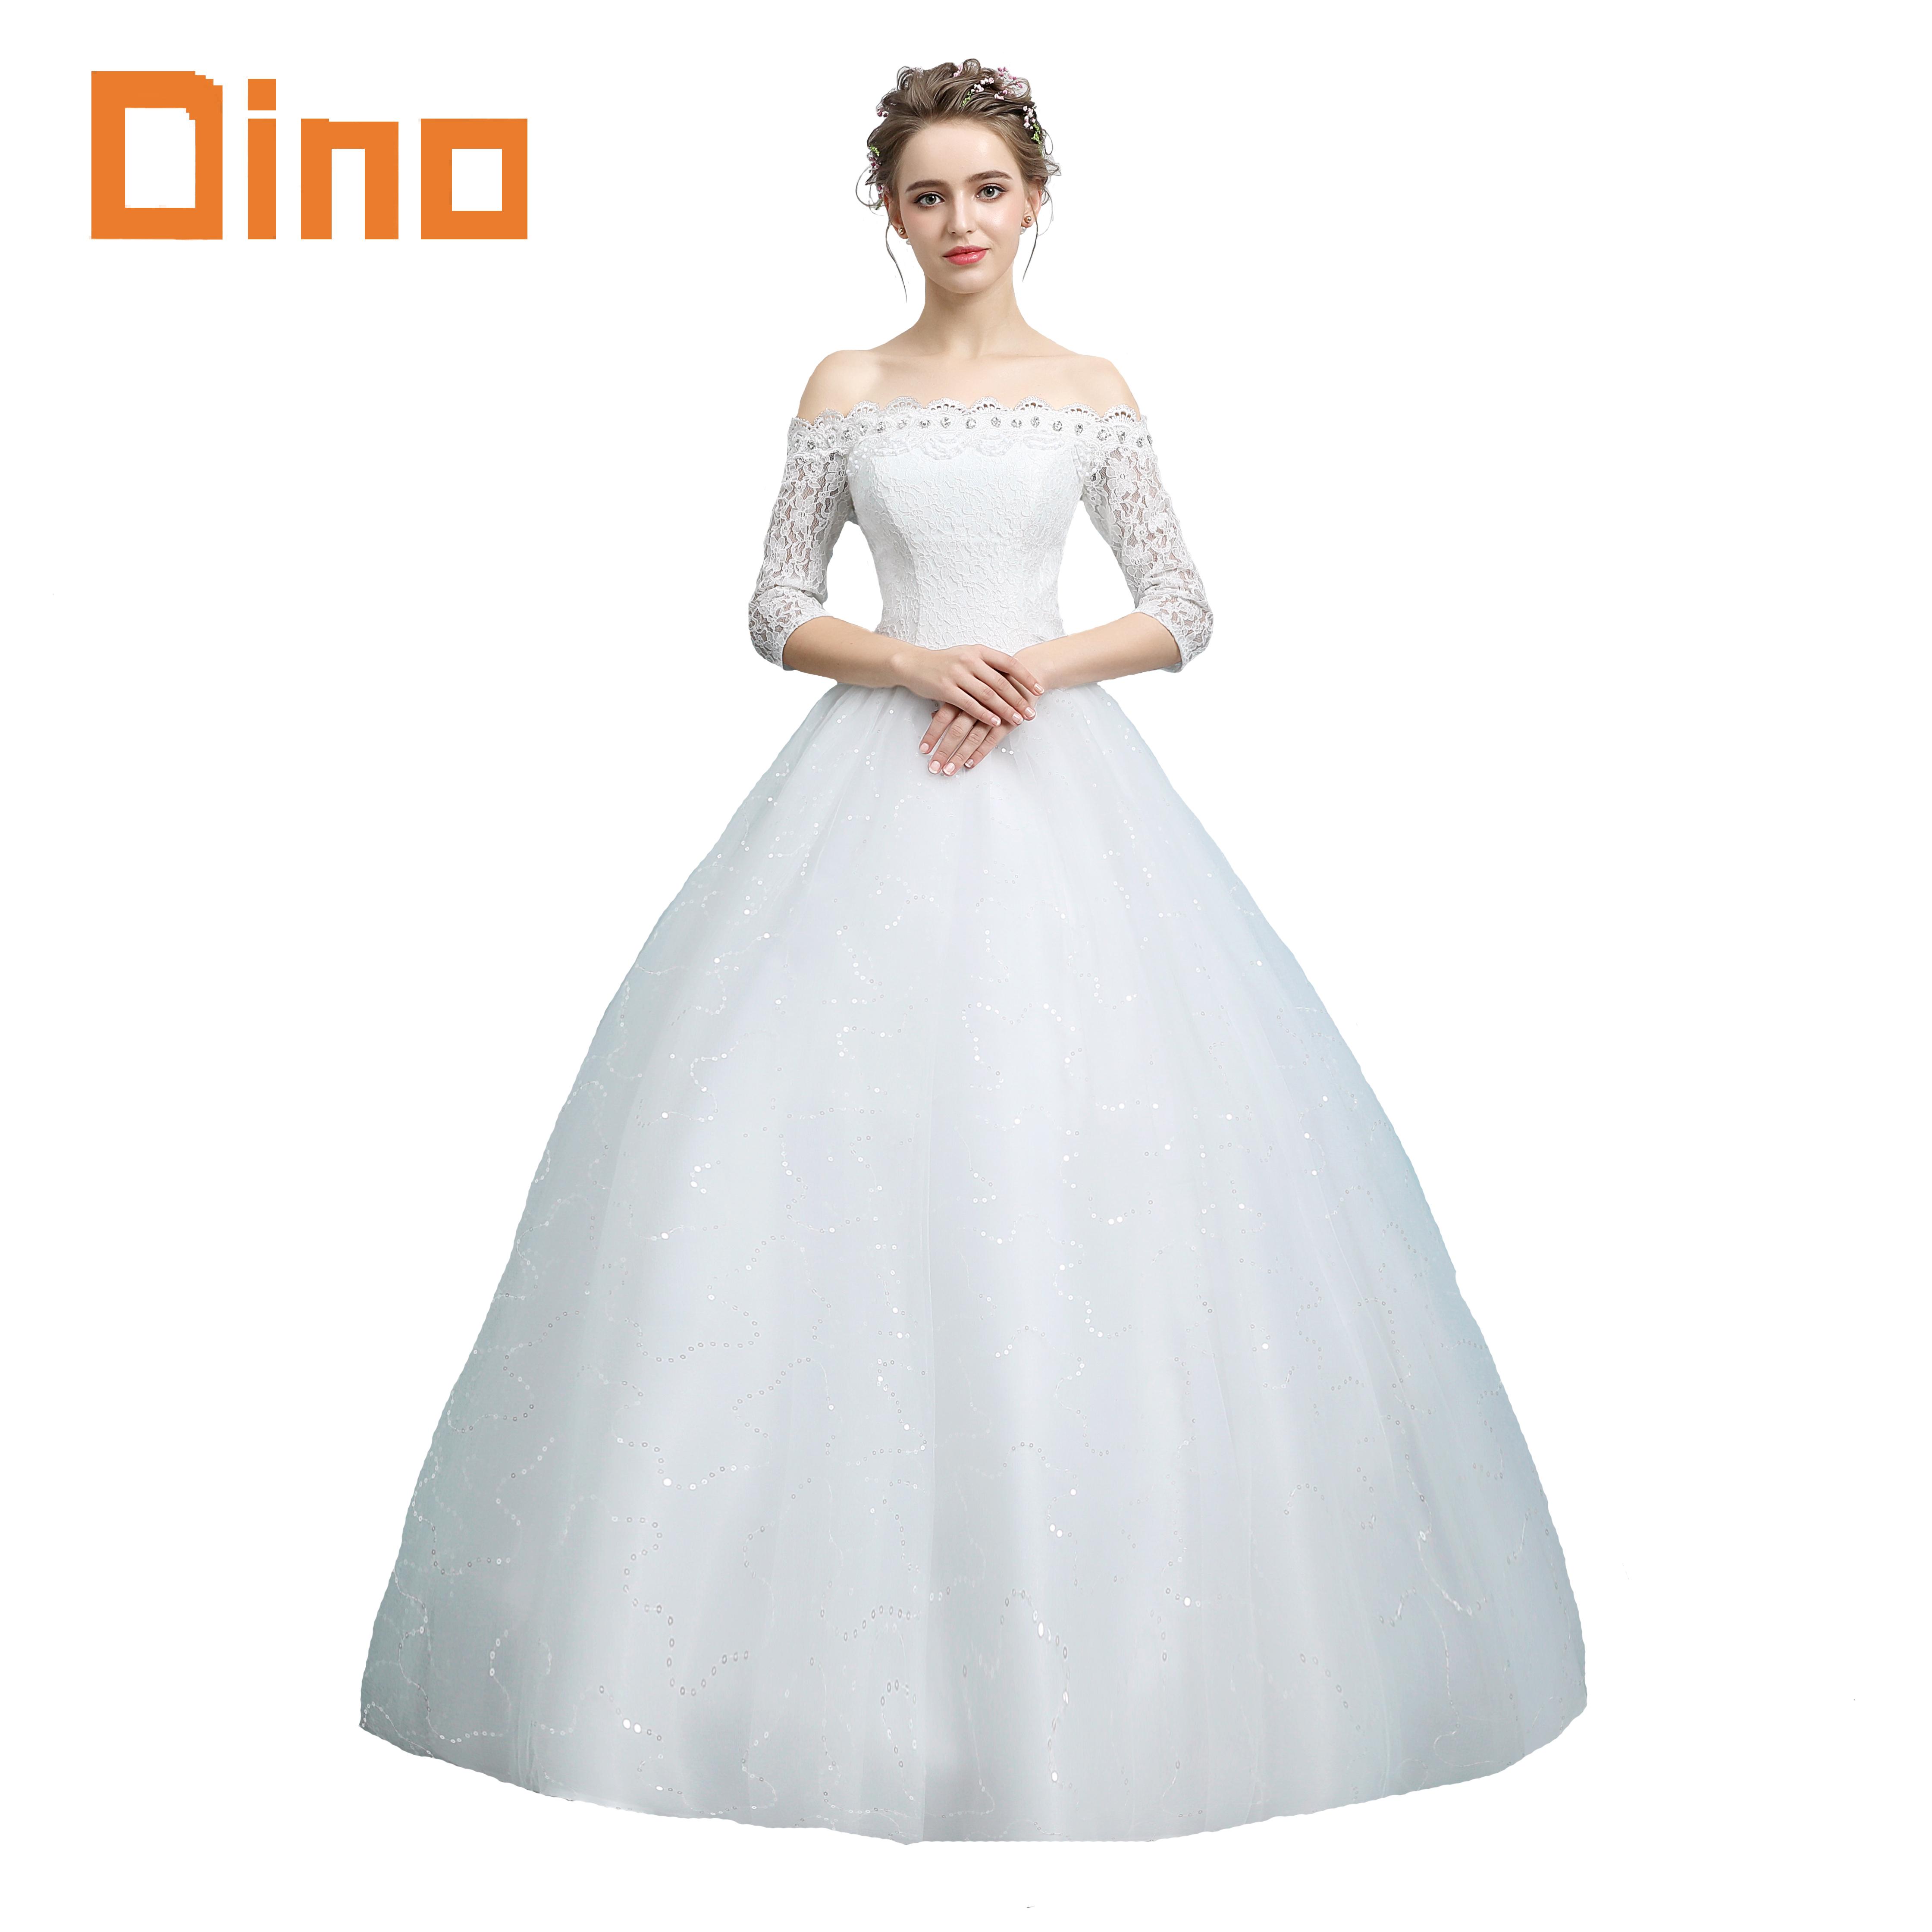 fbaf1f03fa5 Купить Китай Гуанчжоу Свадебное Платье оптом из Китая